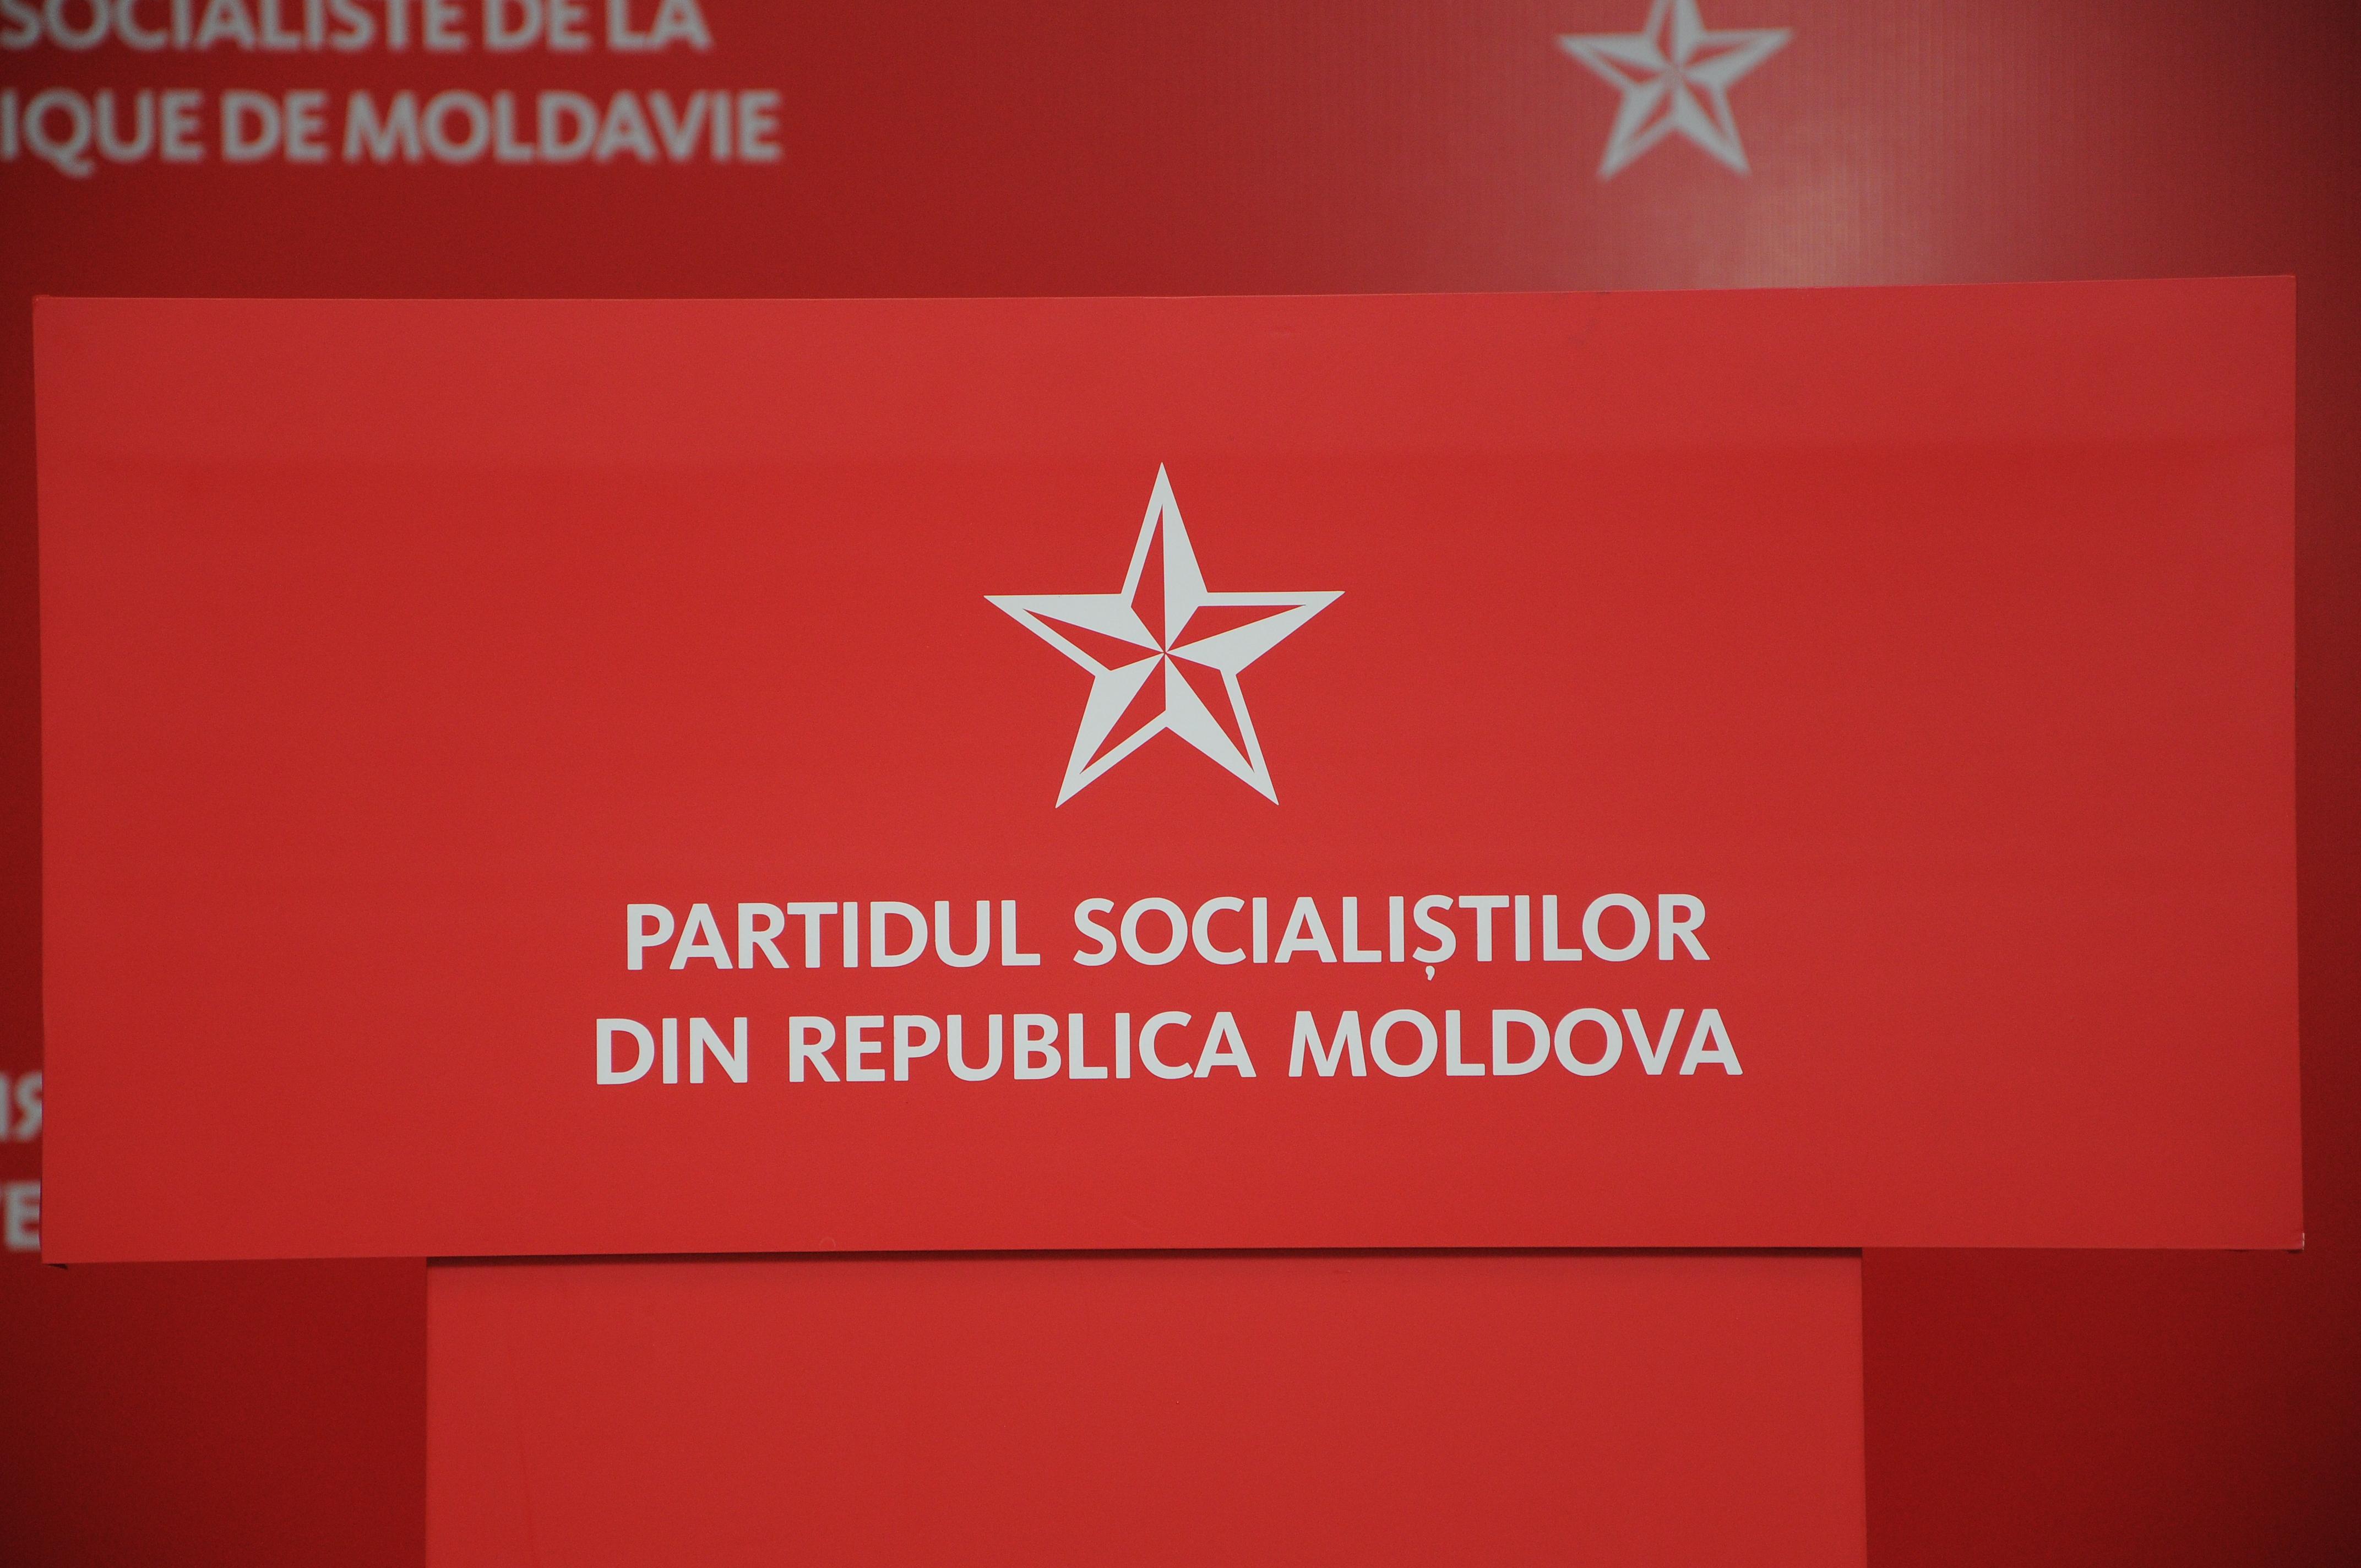 Partidul Socialiștilor din Republica Moldova, favorit în sondajele pentru alegerile locale din mai 2018 pentru primăriile din Chișinău și Bălți